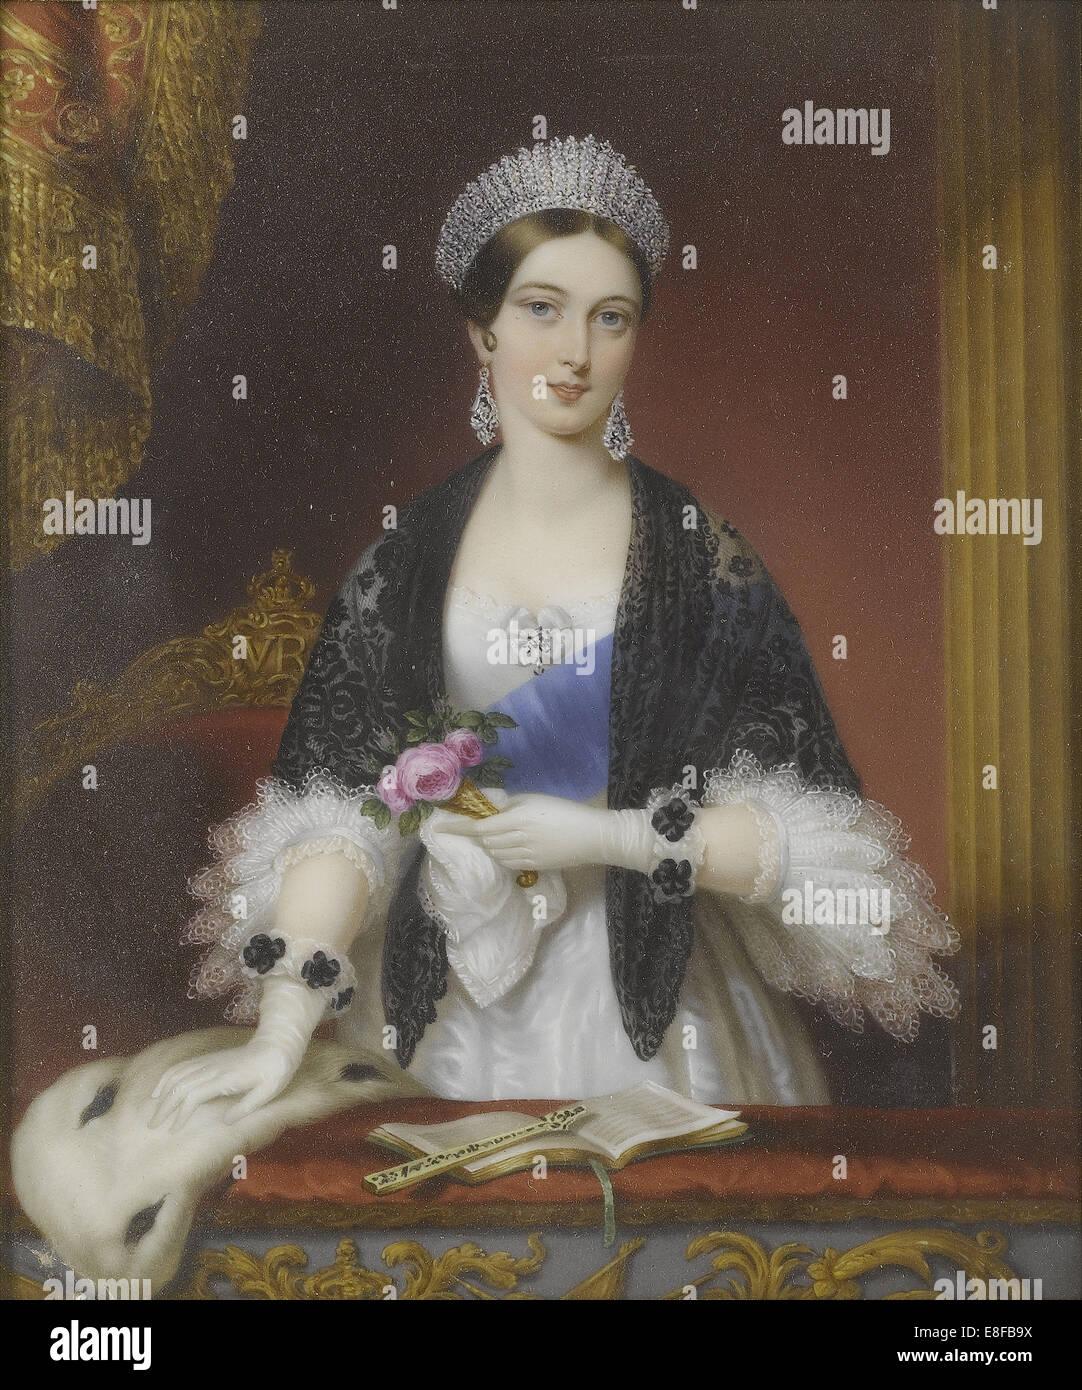 La reine Victoria dans la loge royale au Théâtre de Drury Lane en novembre 1837. Artiste: Liénard, Photo Stock